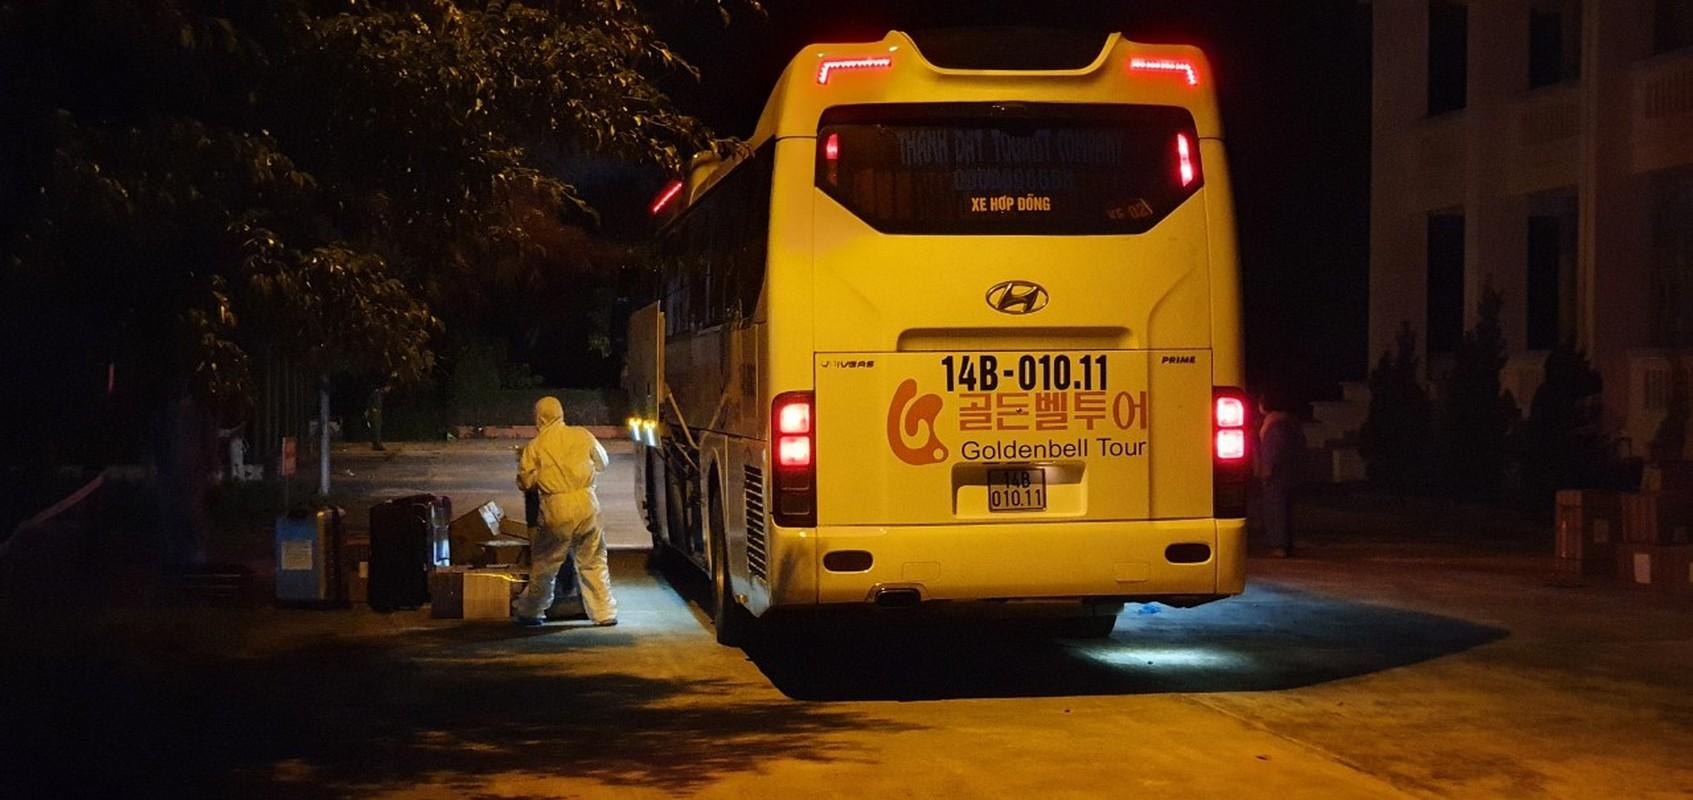 Quang Ninh: Trang dem xet nghiem cho nguoi ve tu Singapore, Han Quoc-Hinh-3